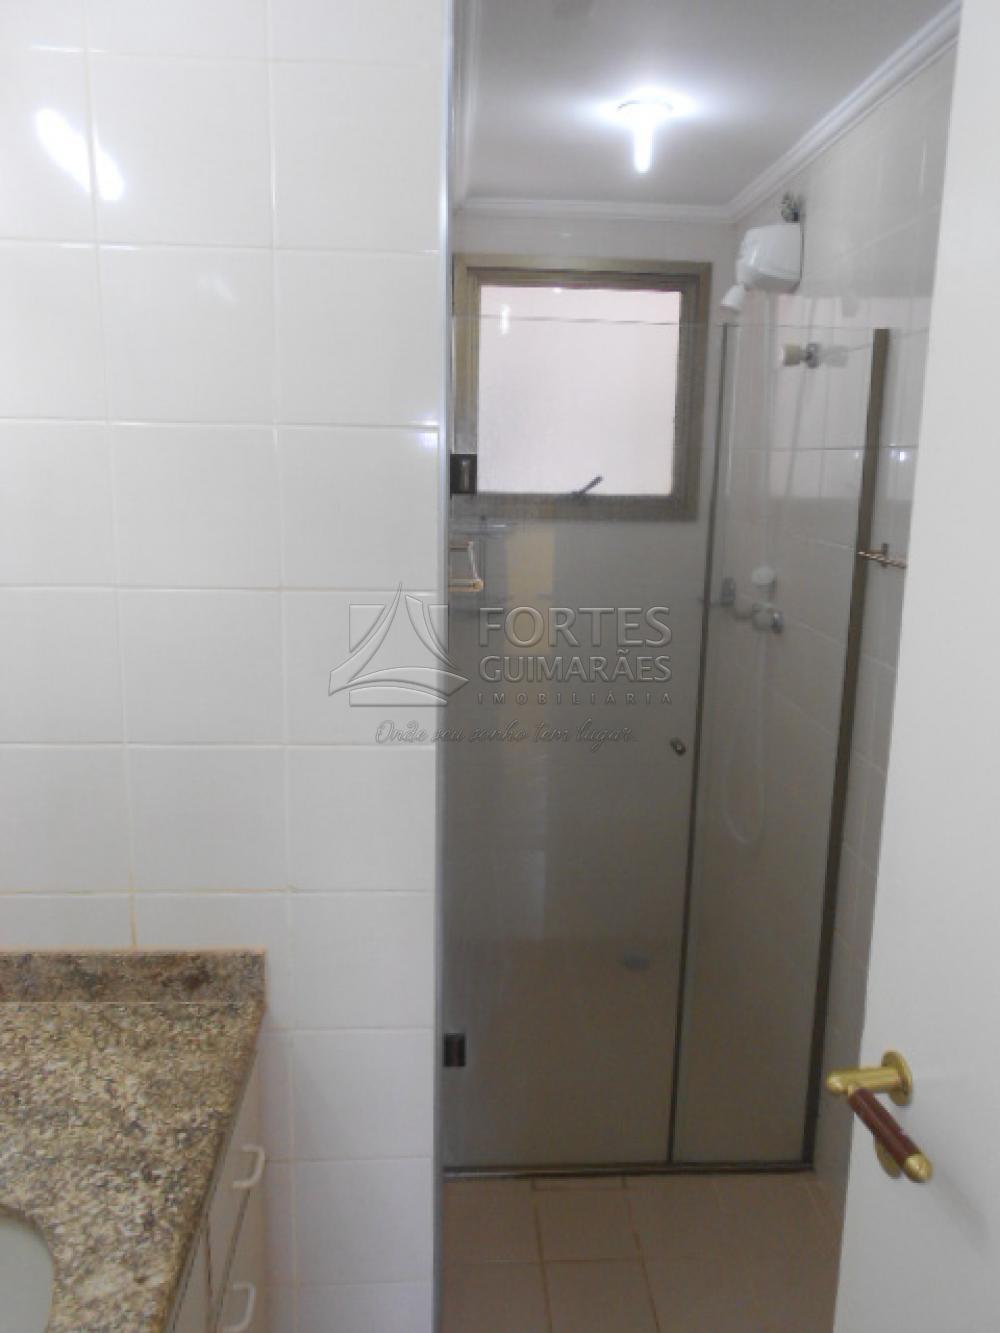 Alugar Apartamentos / Padrão em Ribeirão Preto apenas R$ 1.000,00 - Foto 31